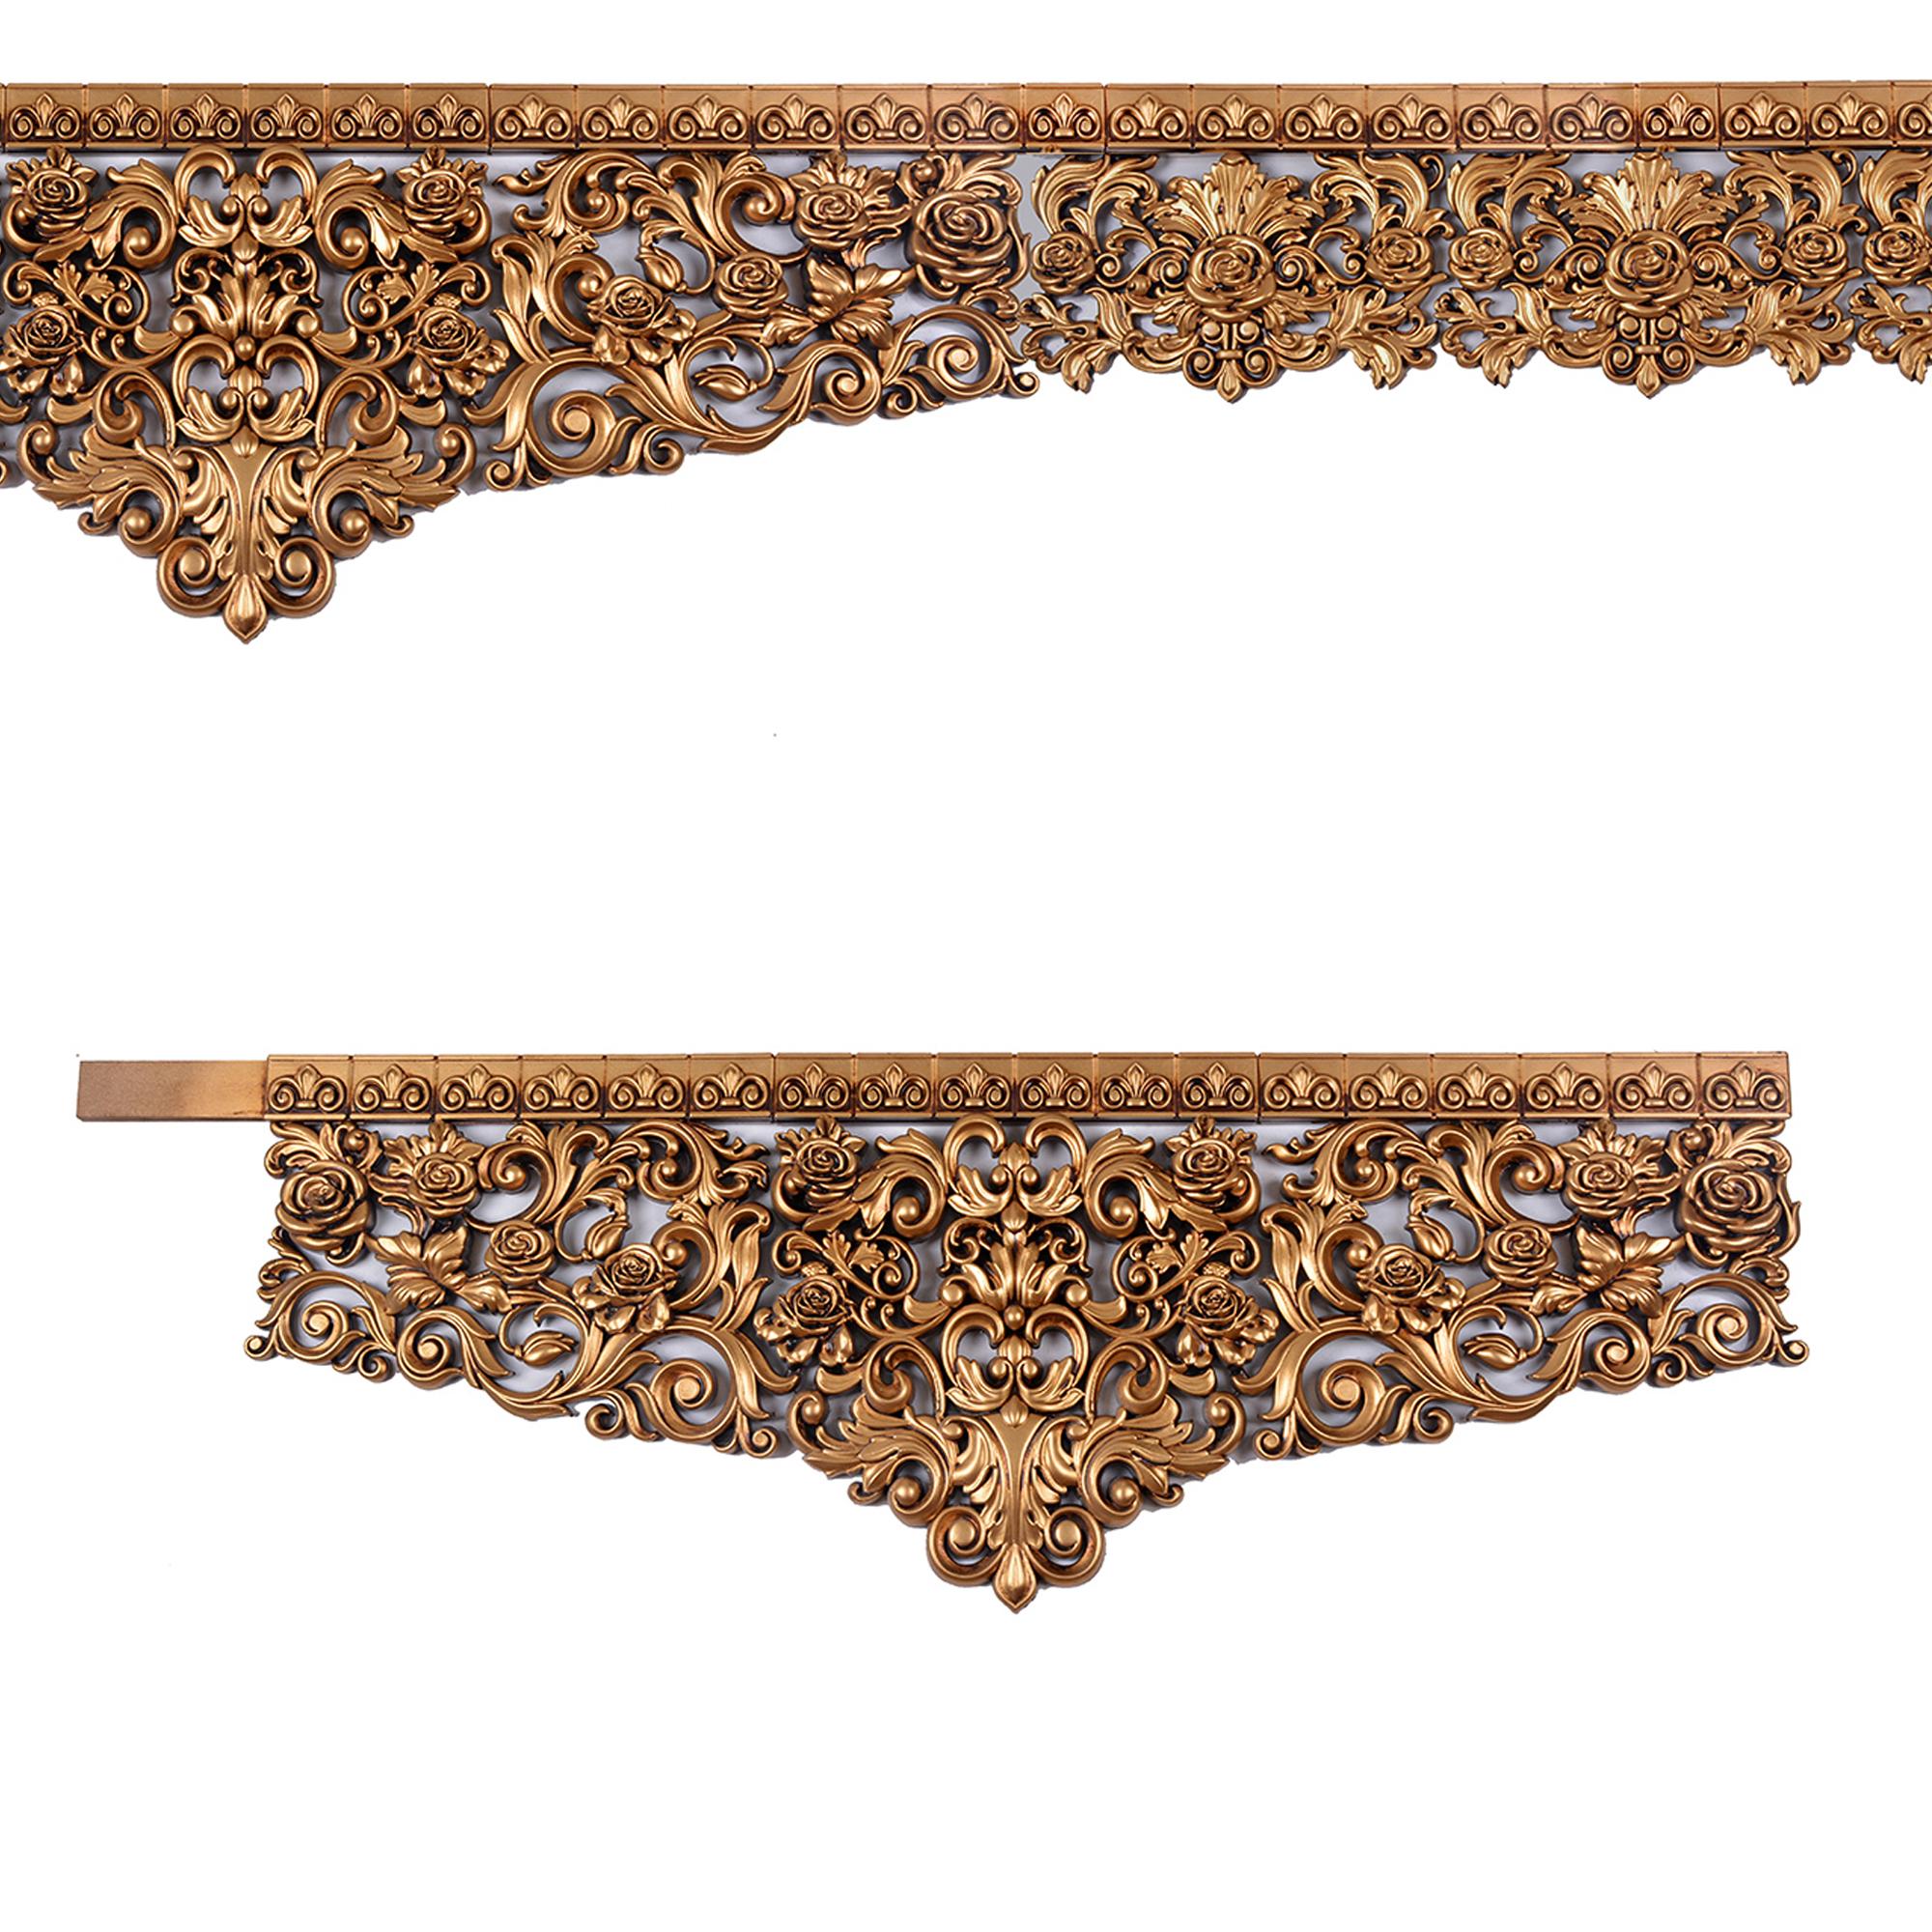 کتیبه پرده گل رز طلایی تاجدار(5 متر و 60 سانت)